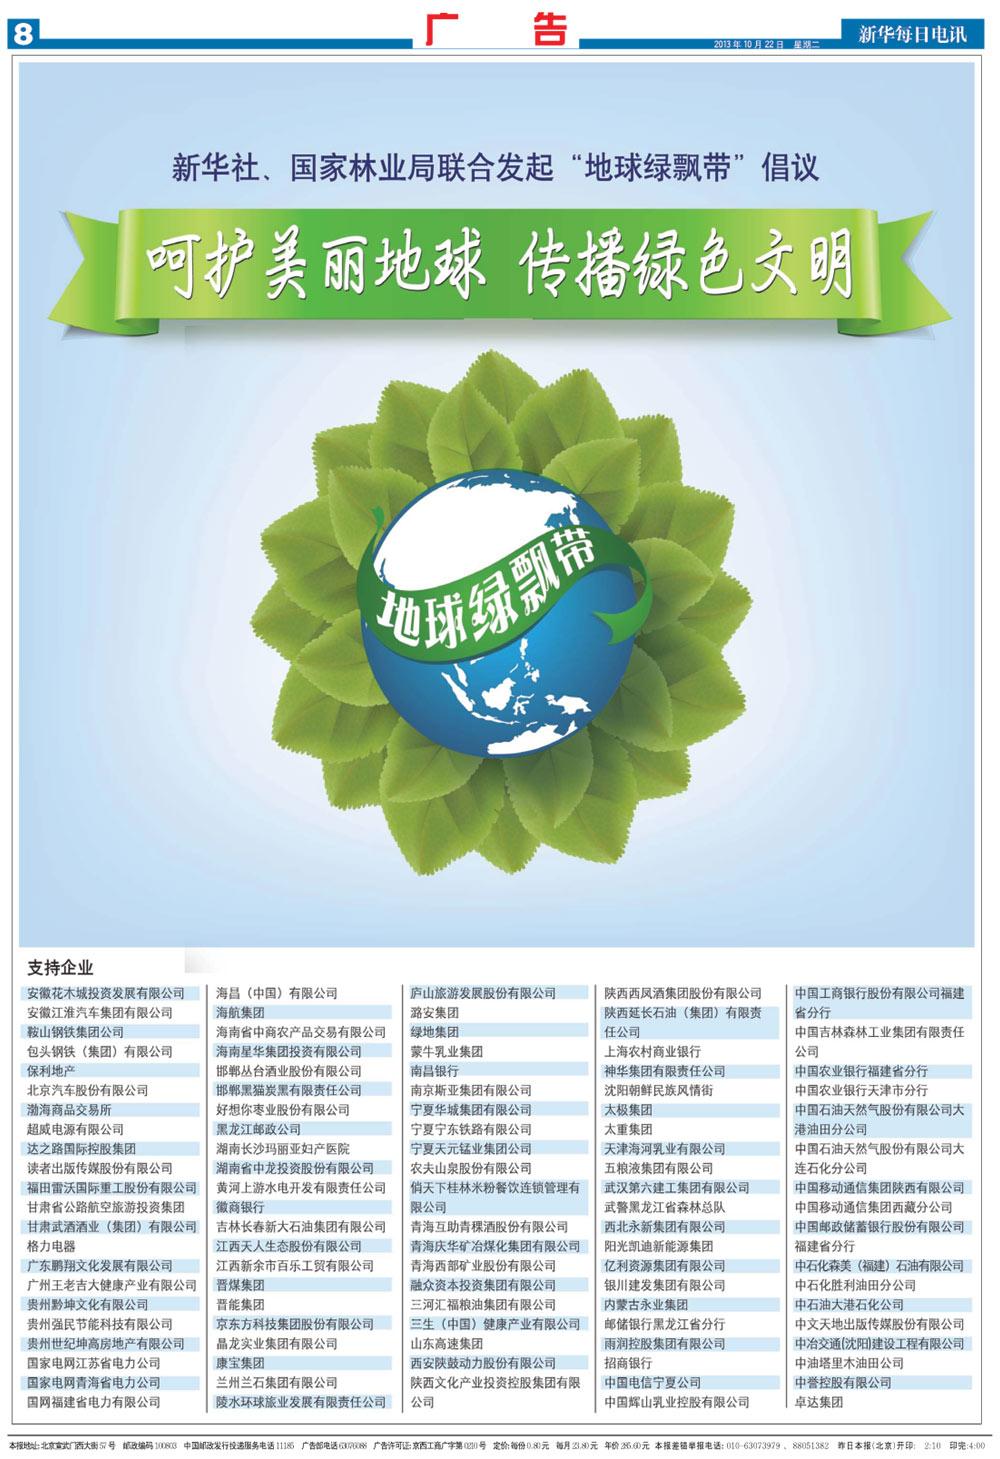 """融众响应""""地球绿飘带""""公益倡议活动"""